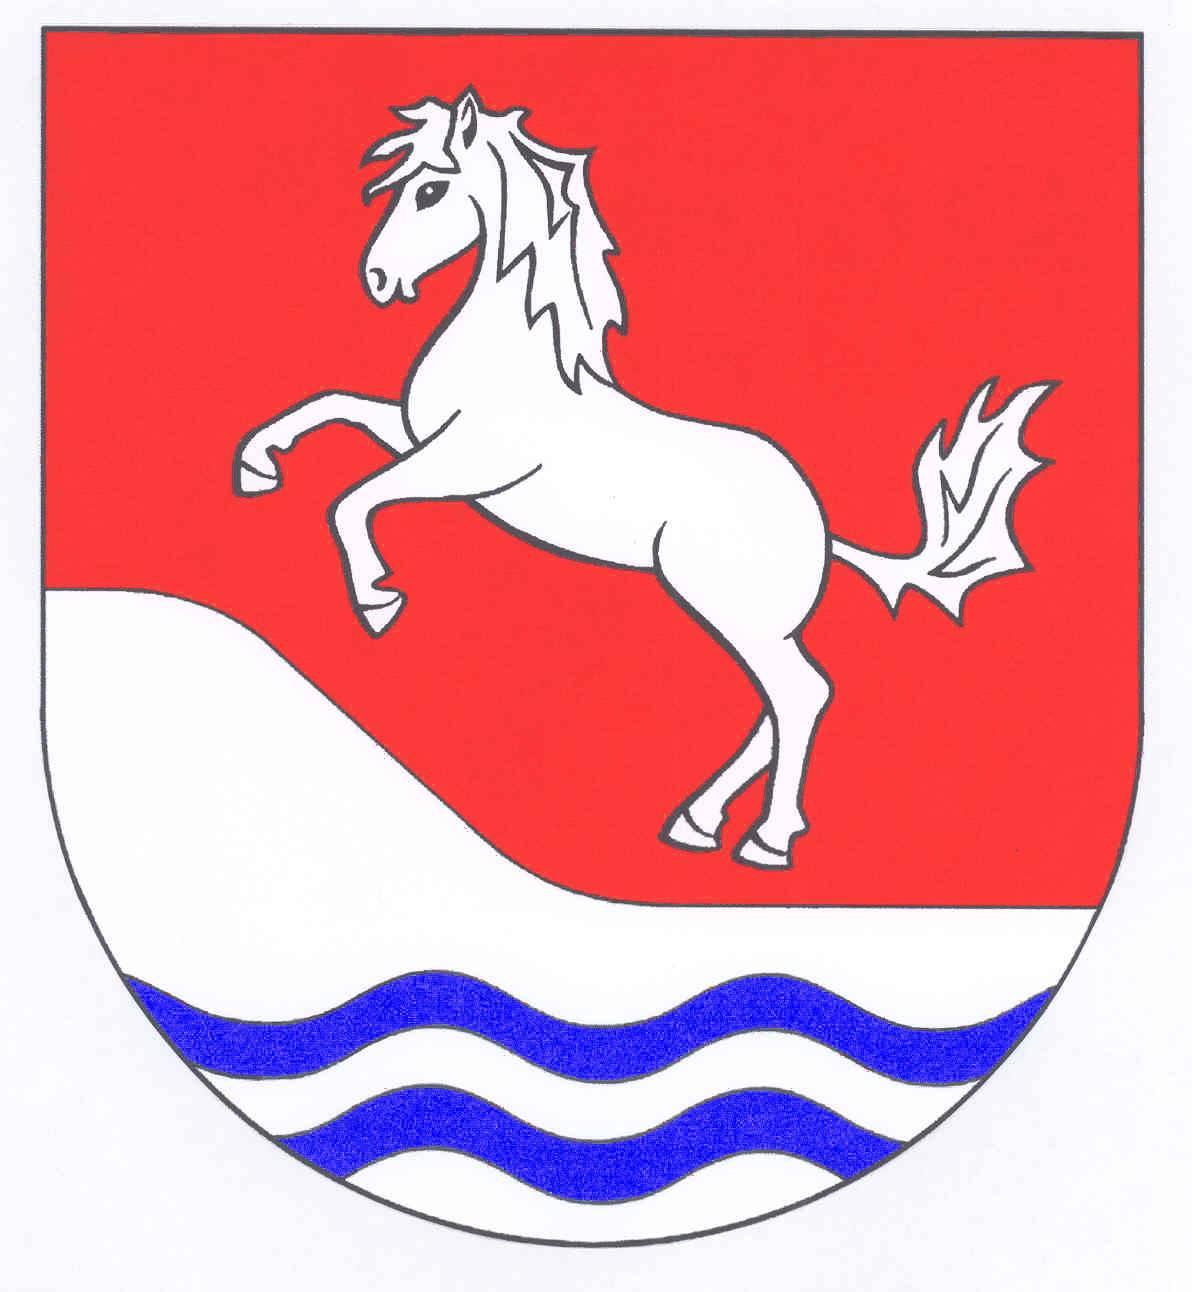 Wappen GemeindeKleve, Kreis Dithmarschen